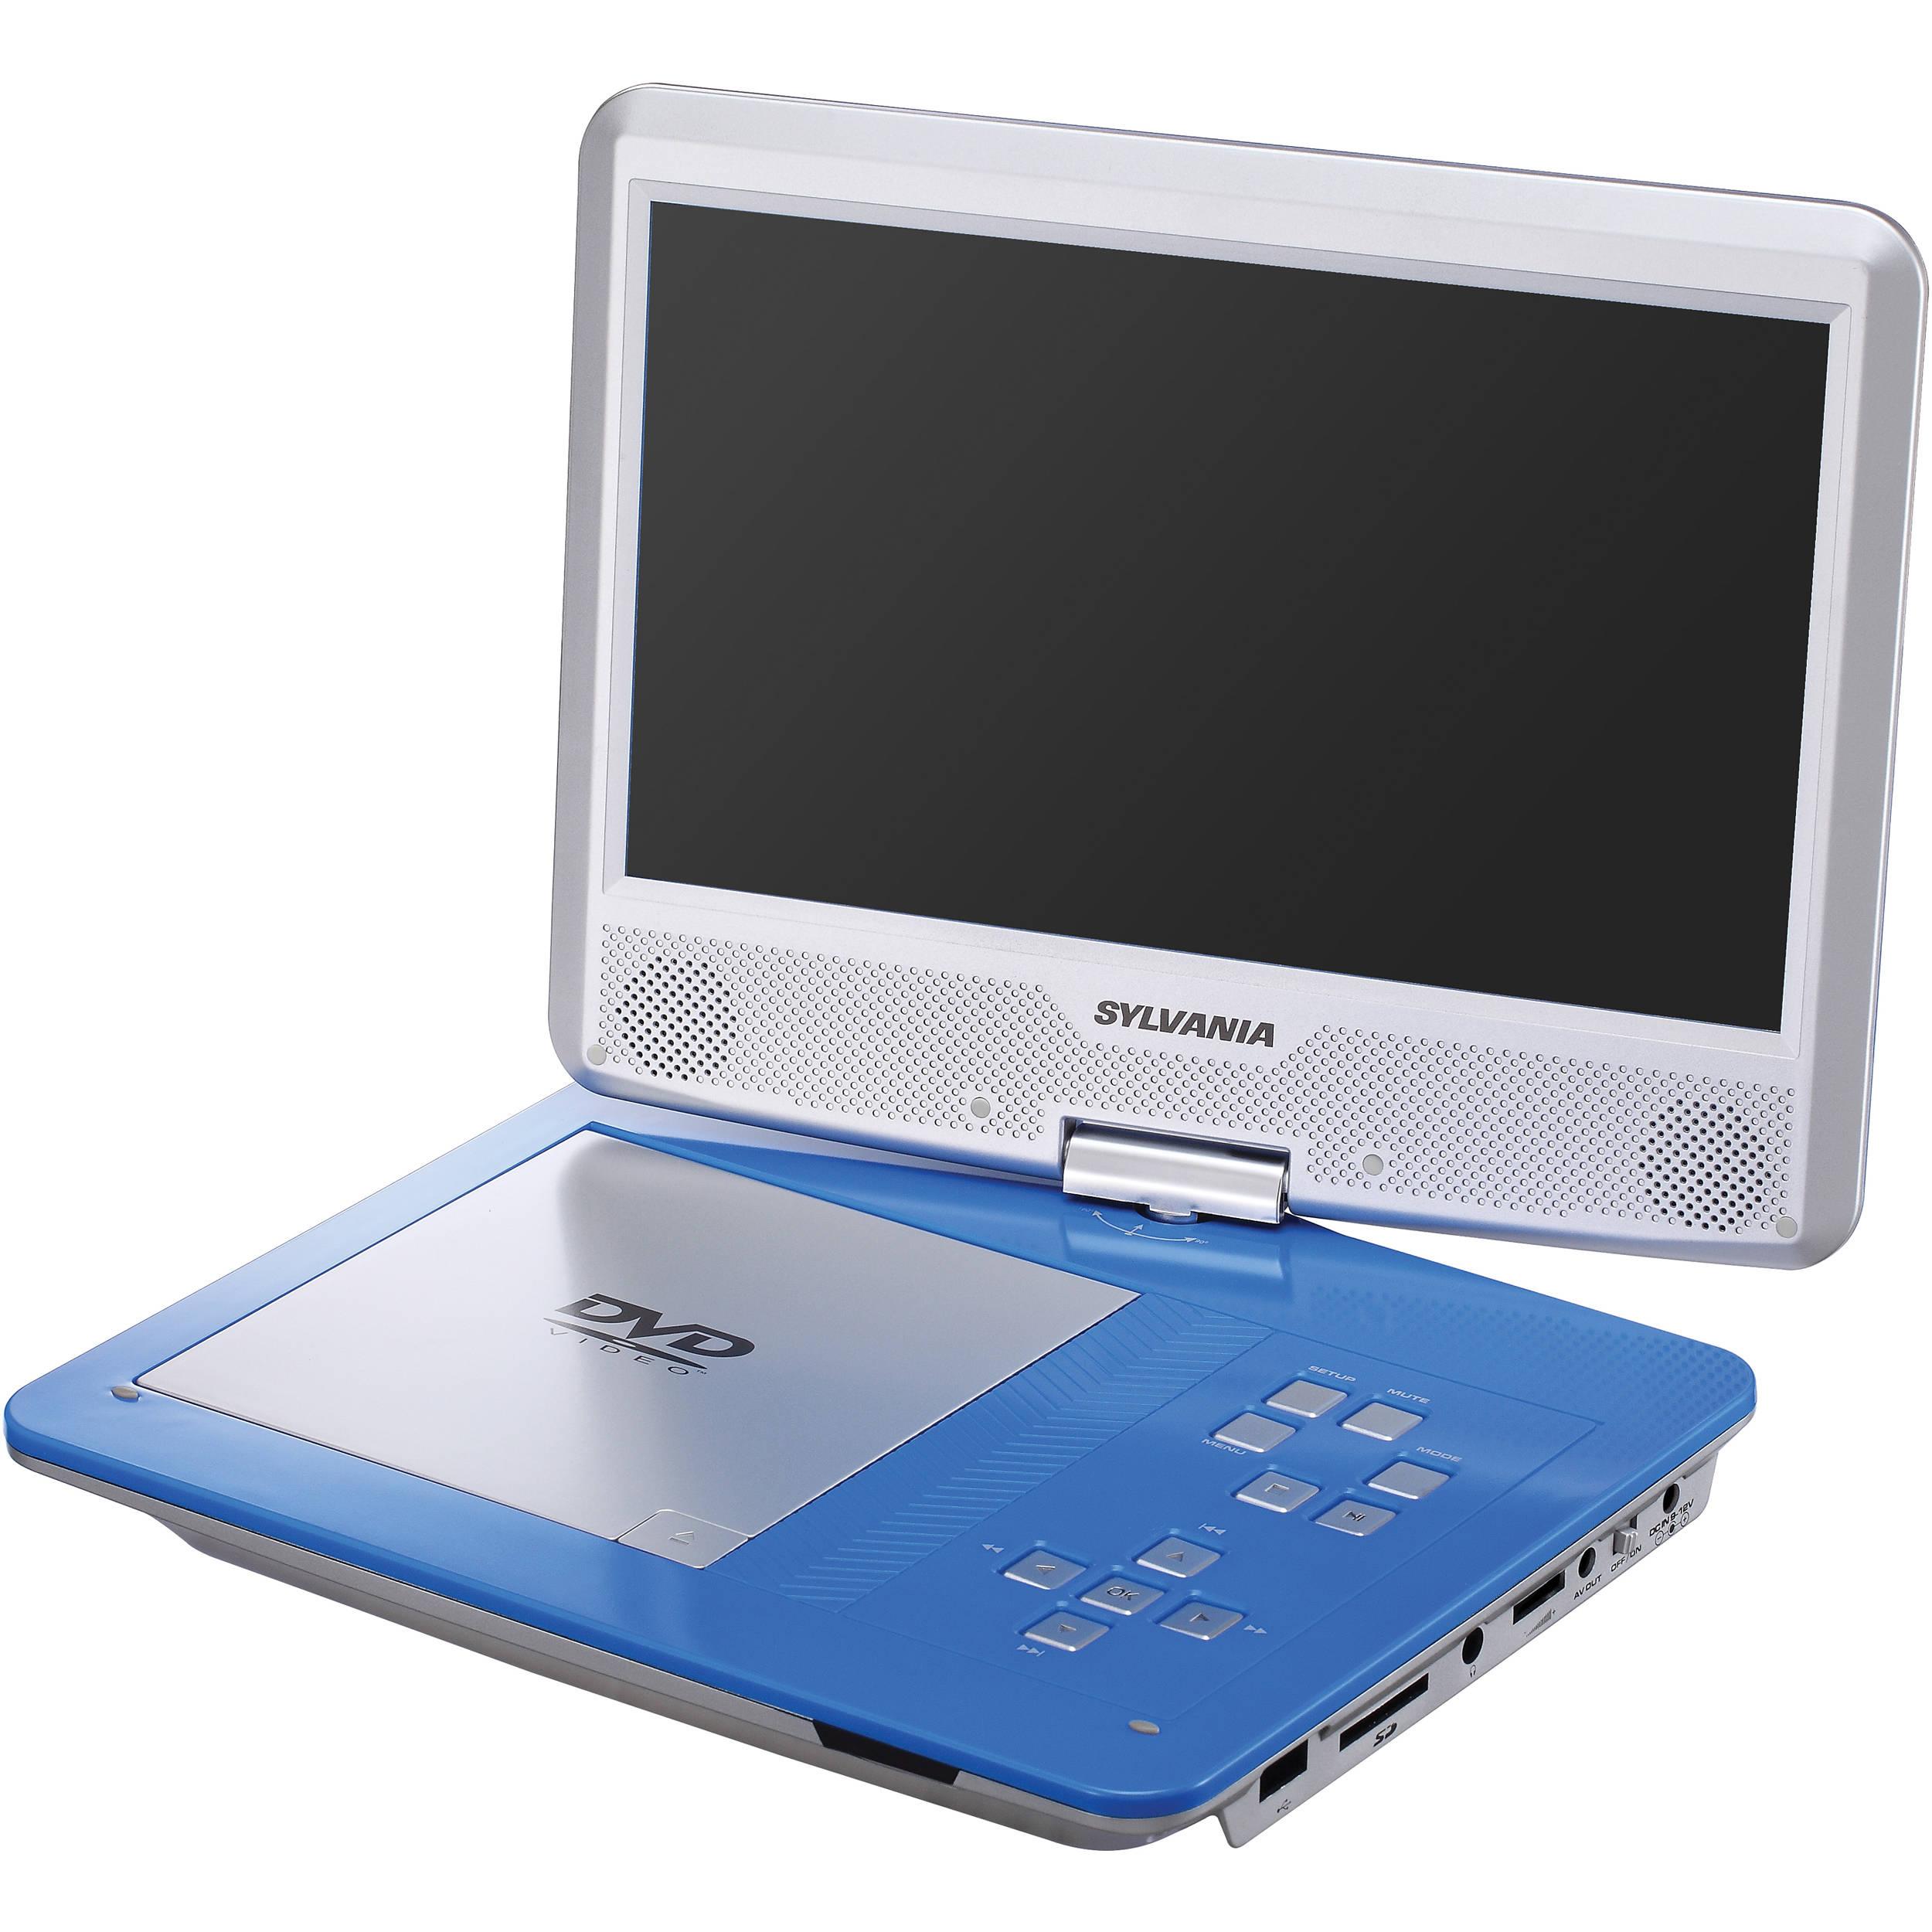 Sylvania Dvd1030 10 Portable Dvd Player Sdvd1030 Bh Photo